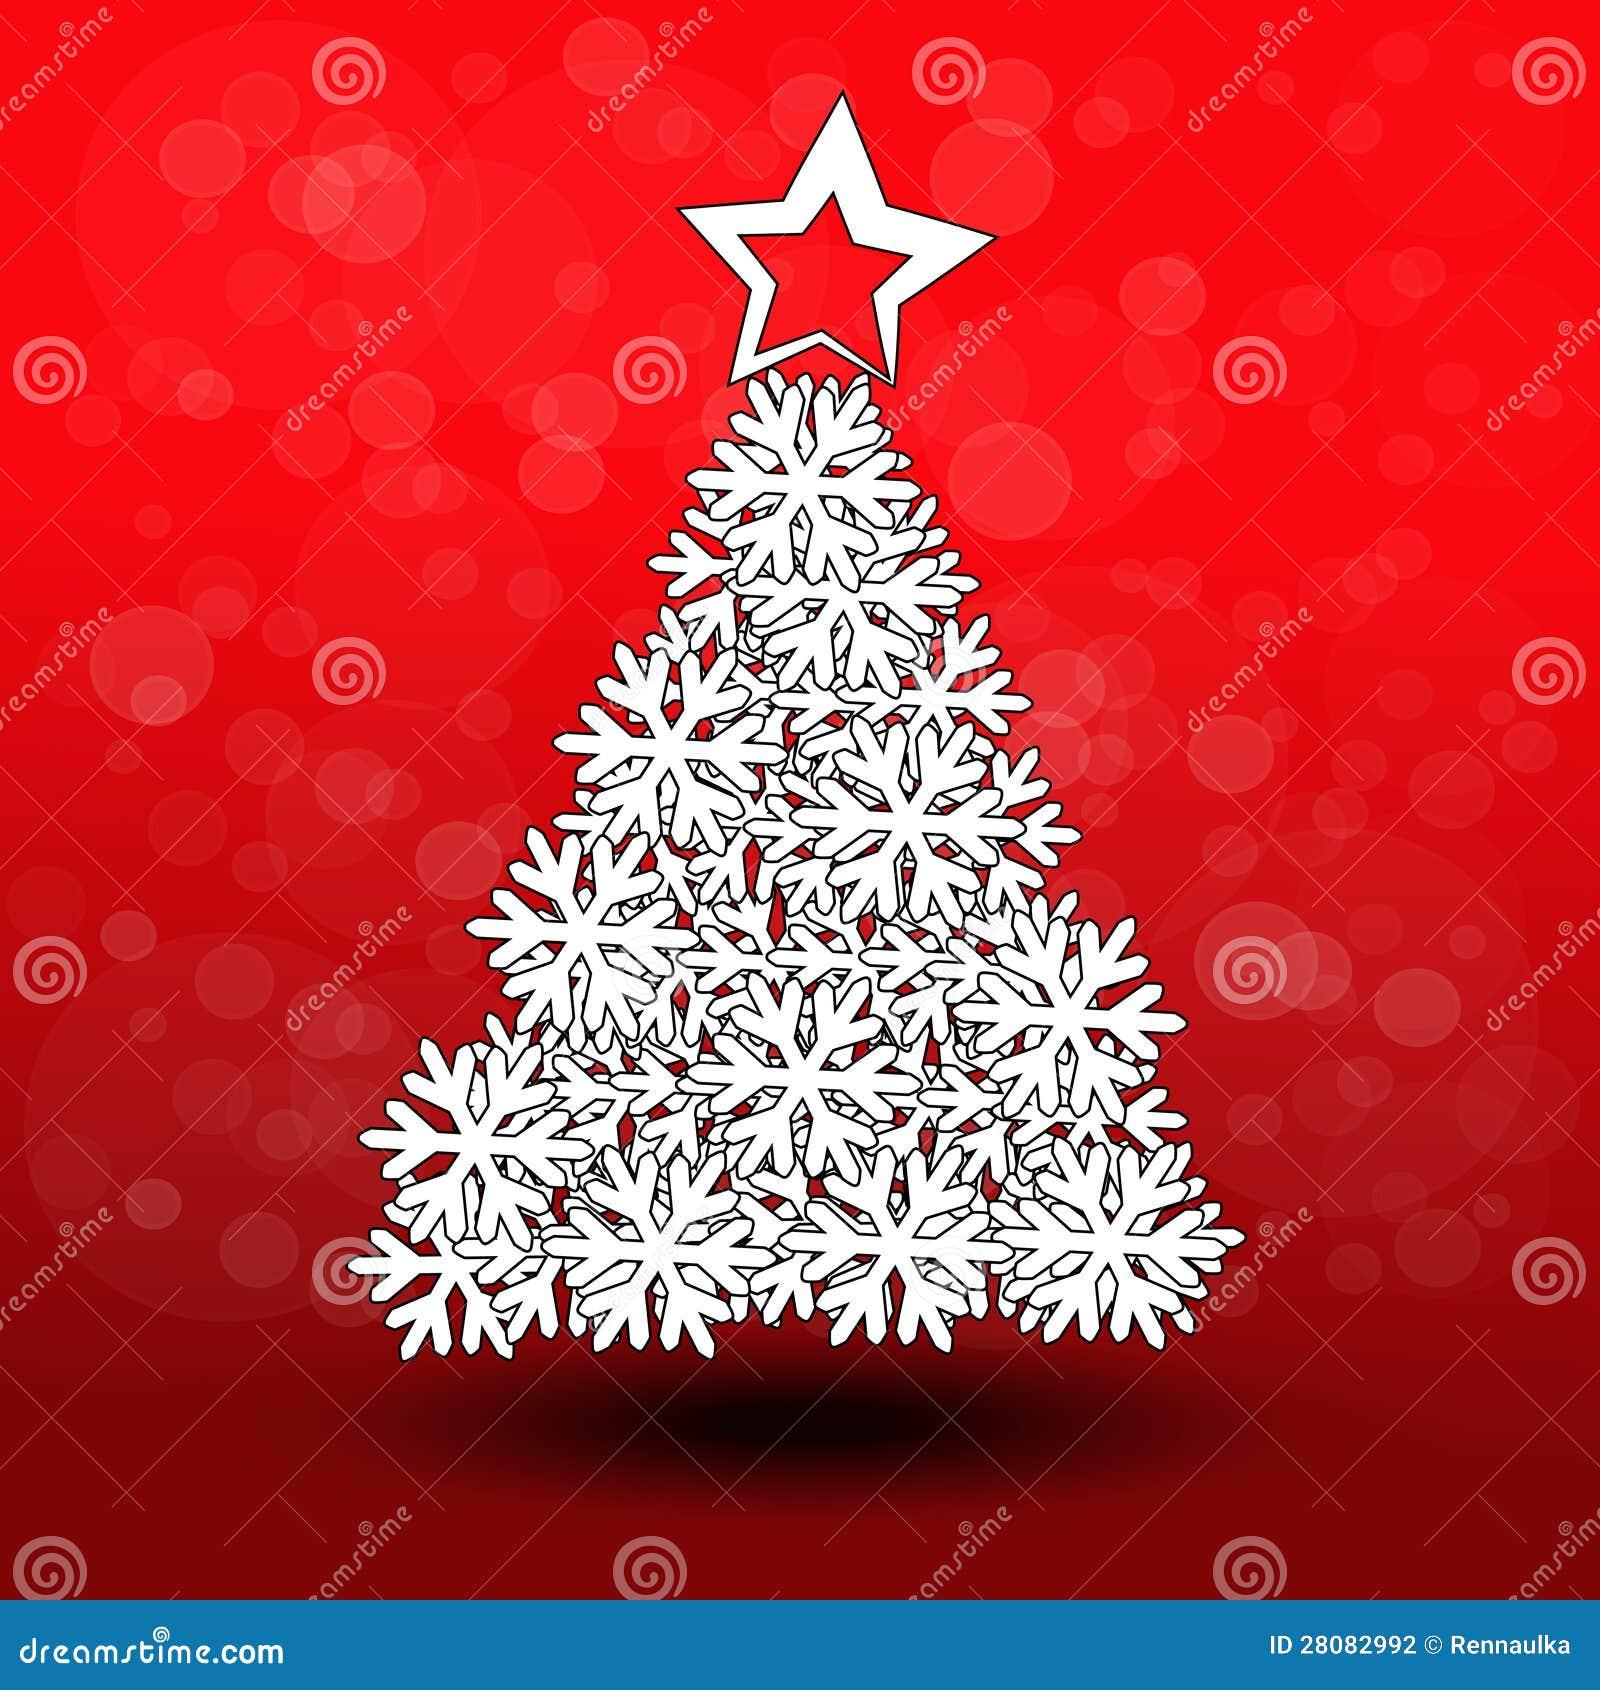 #BD0E13 Arbre De Noël De Papier Décoration De Flocon De Neige  6341 decoration noel a fabriquer flocon 1300x1390 px @ aertt.com